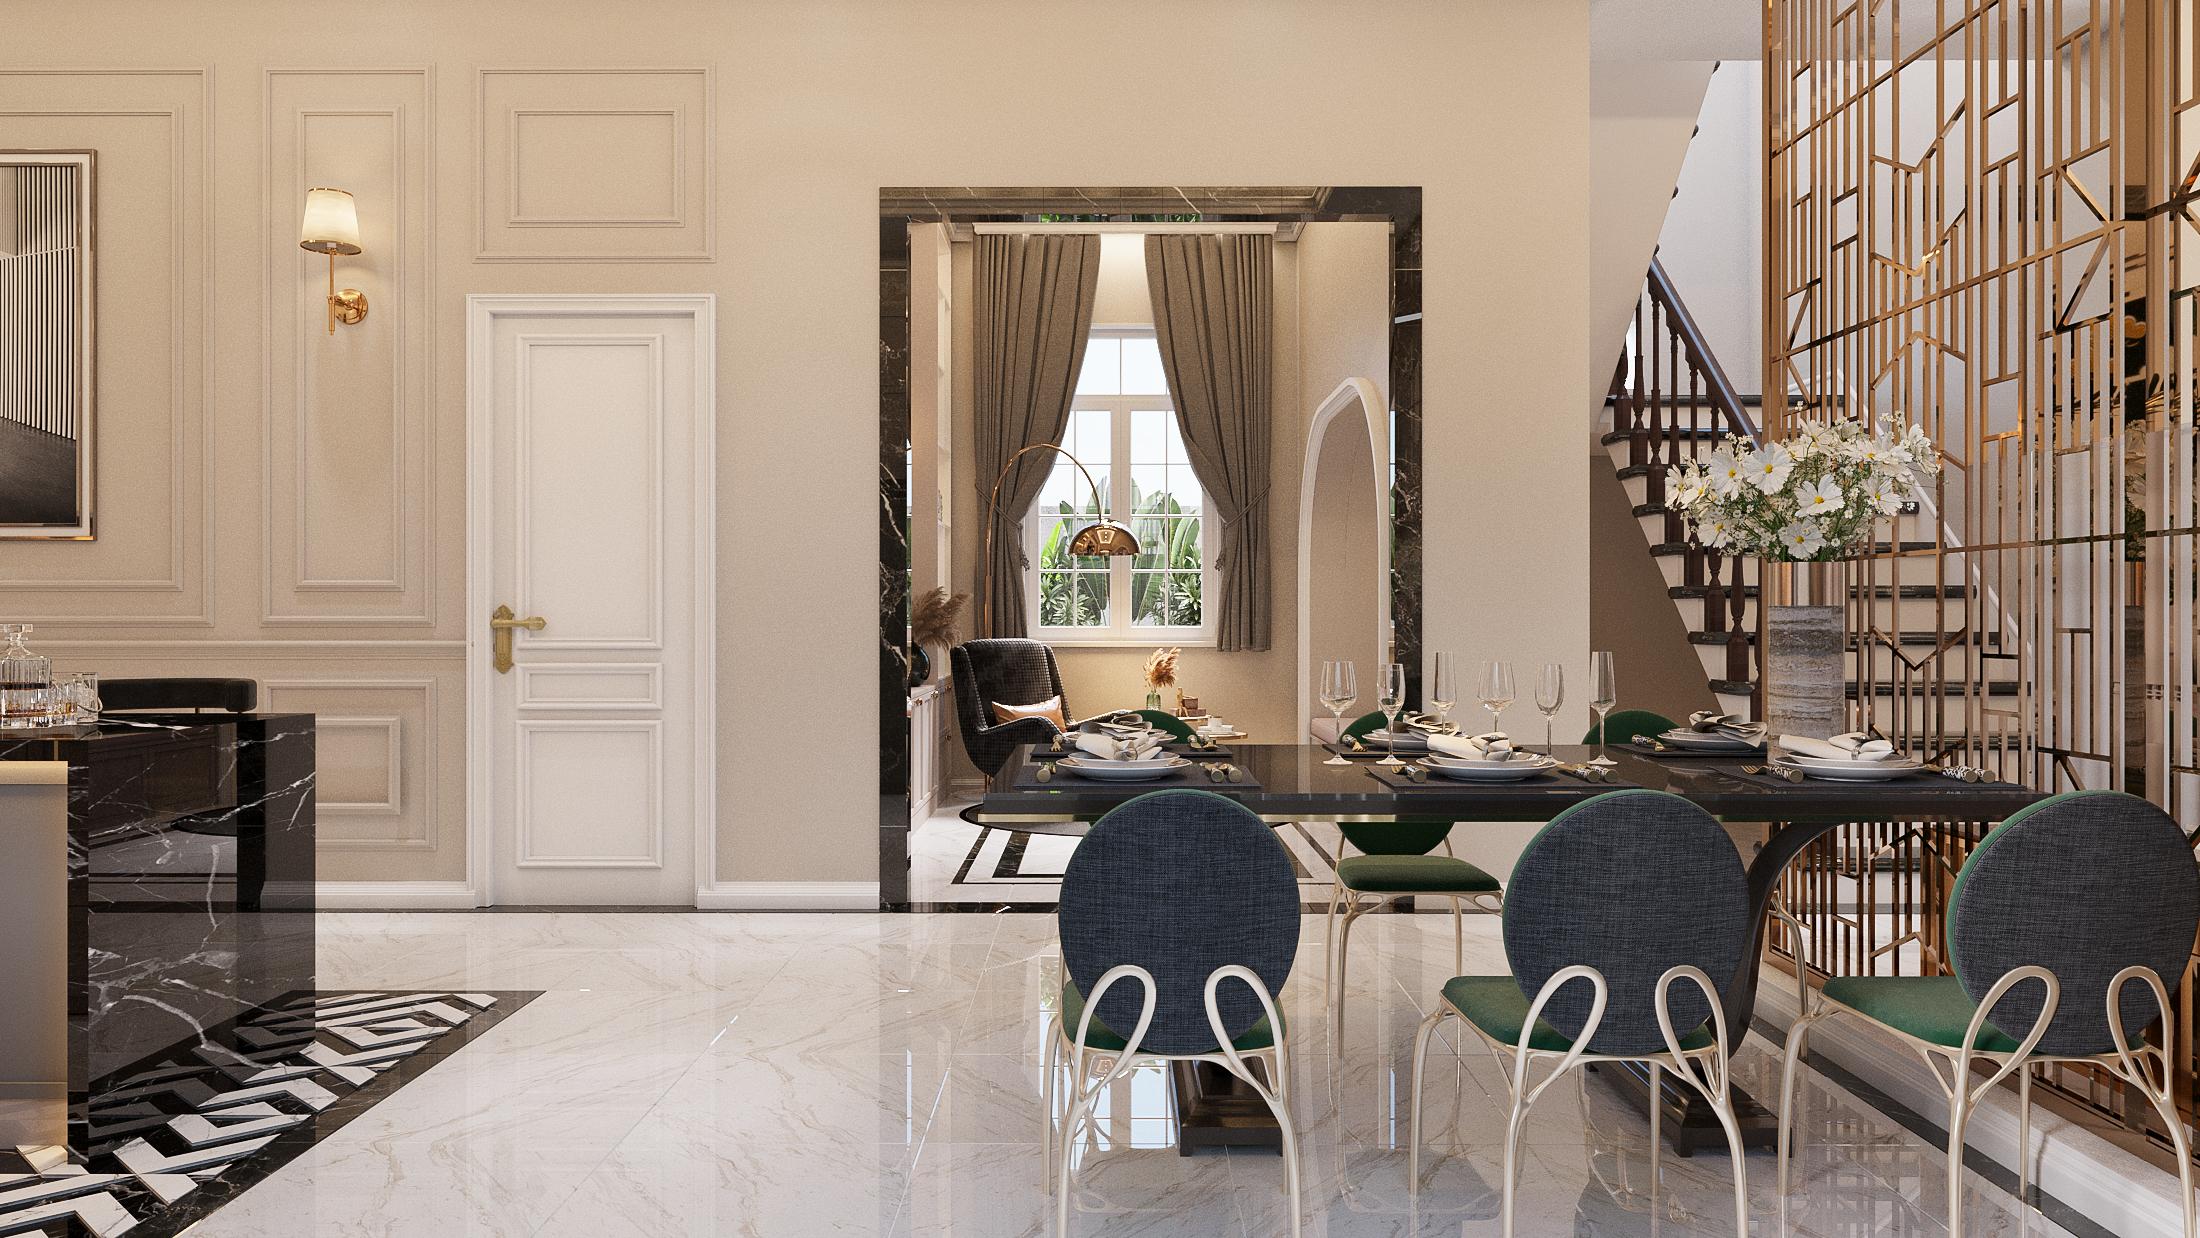 Thiết kế nội thất Biệt Thự tại Hồ Chí Minh NEO- CLASSICAL 1620877407 5